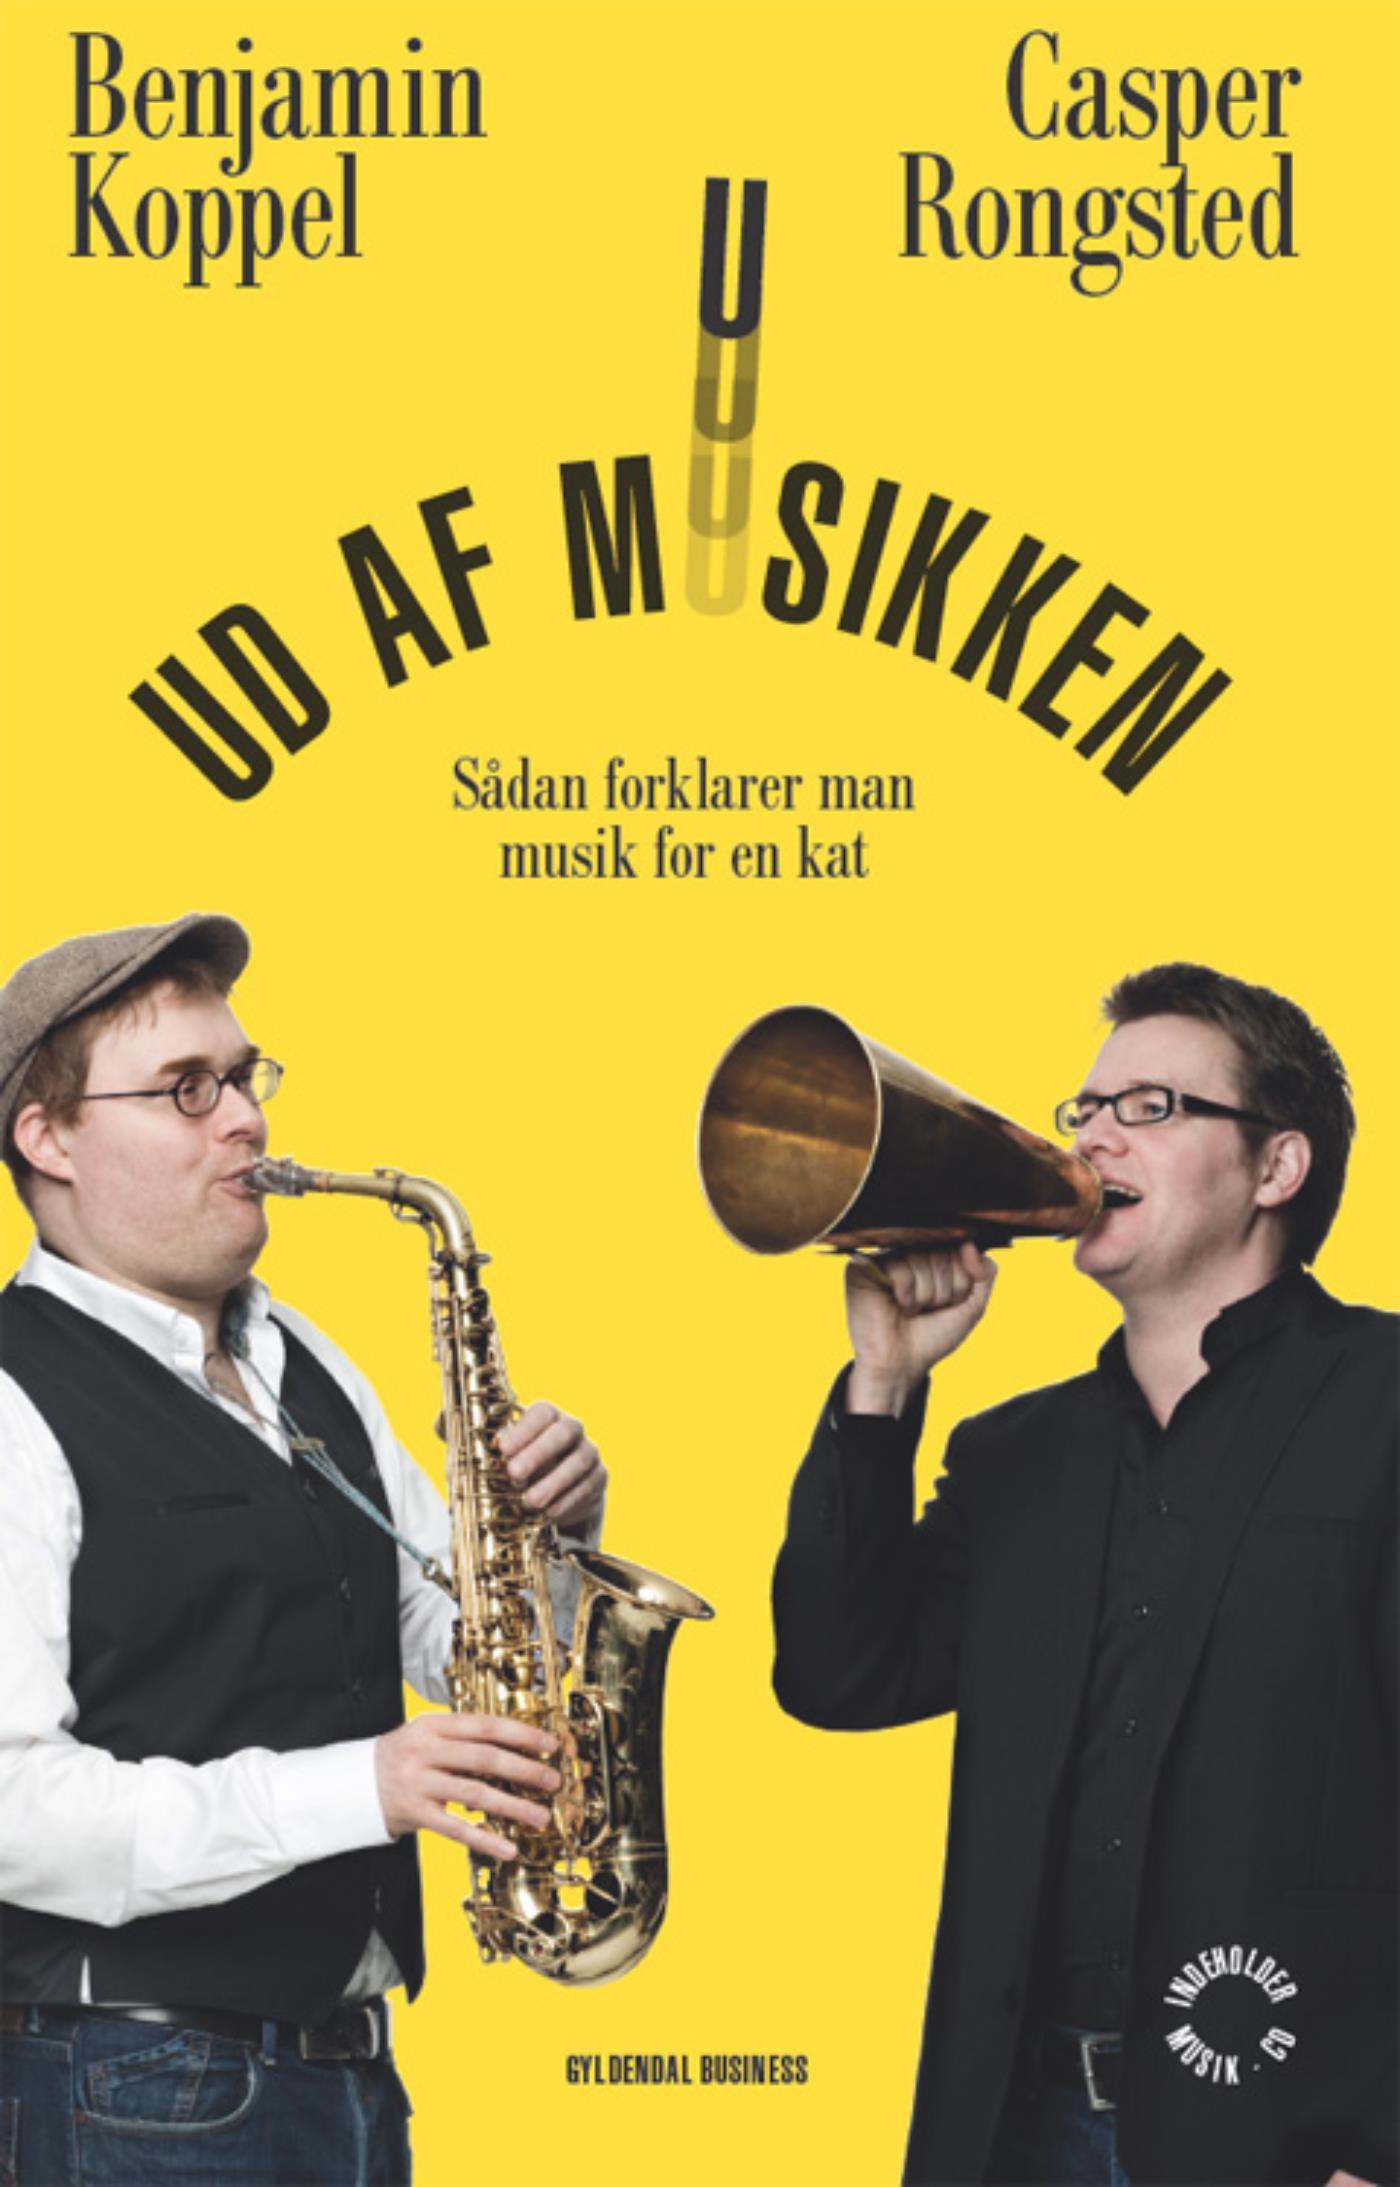 N/A Ud af musikken - e-bog på bog & mystik